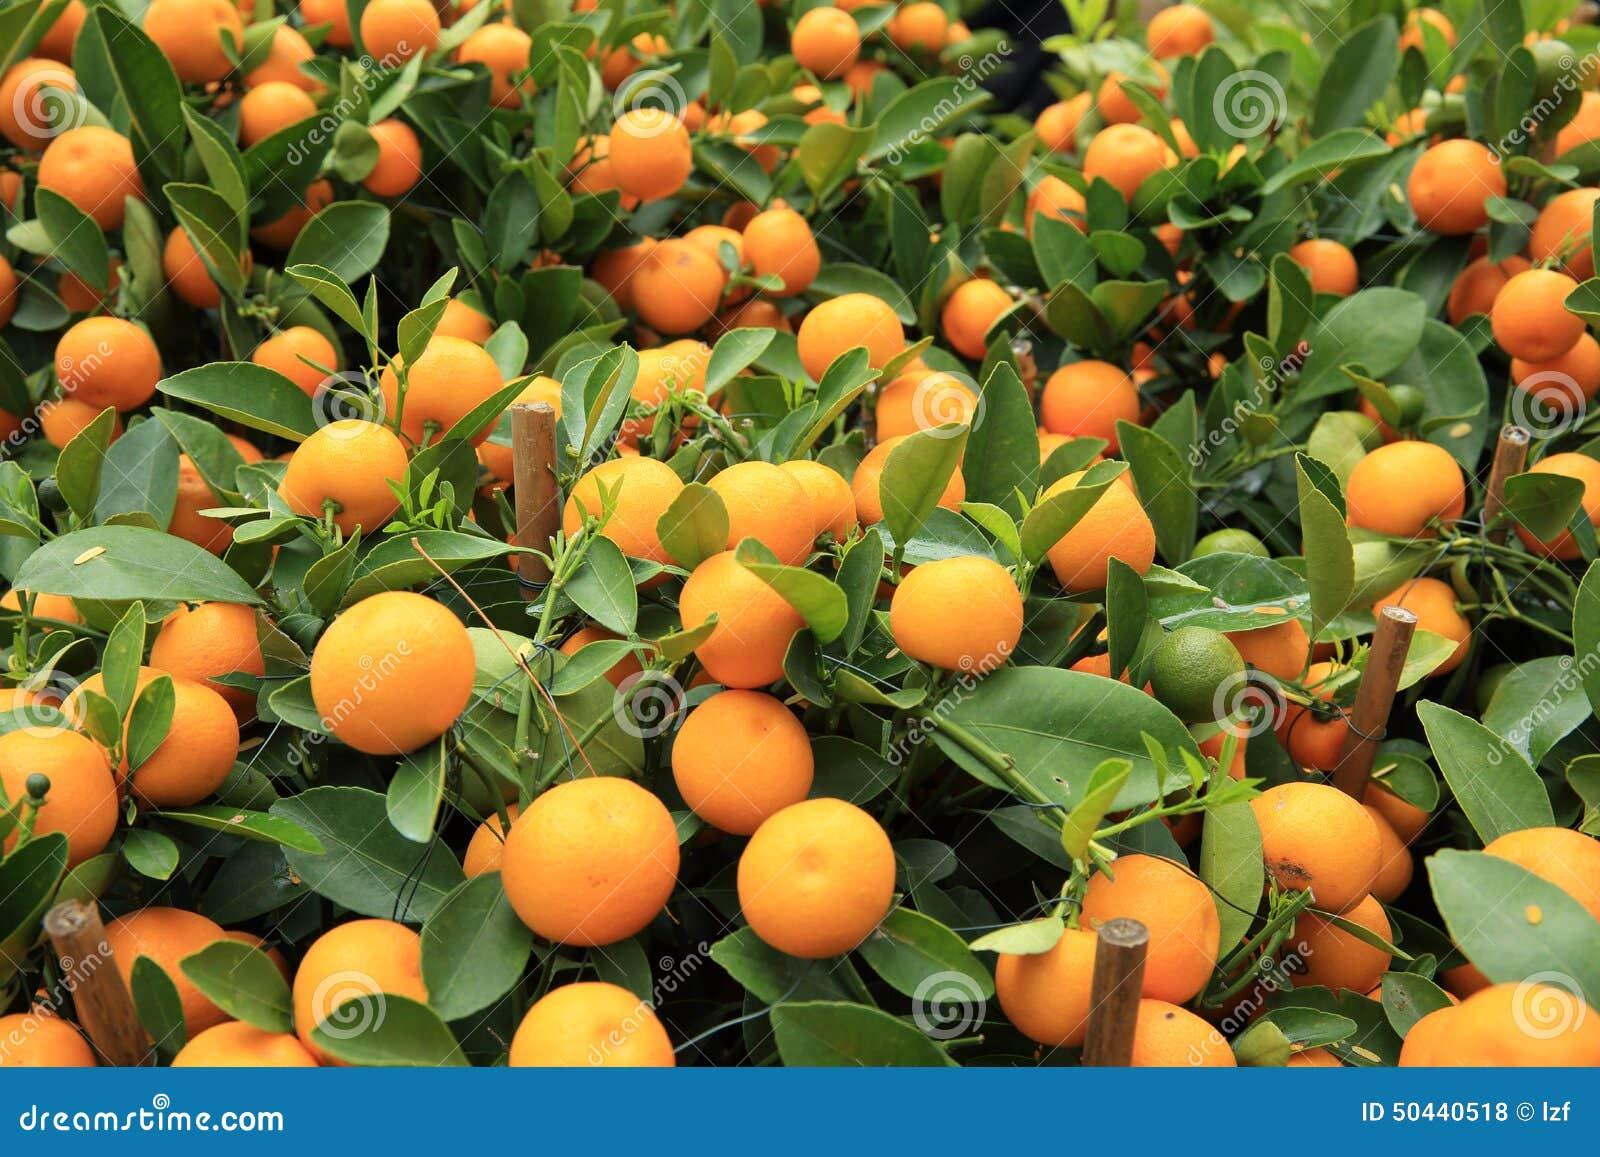 柑橘桔子在树增长愉快的春节.